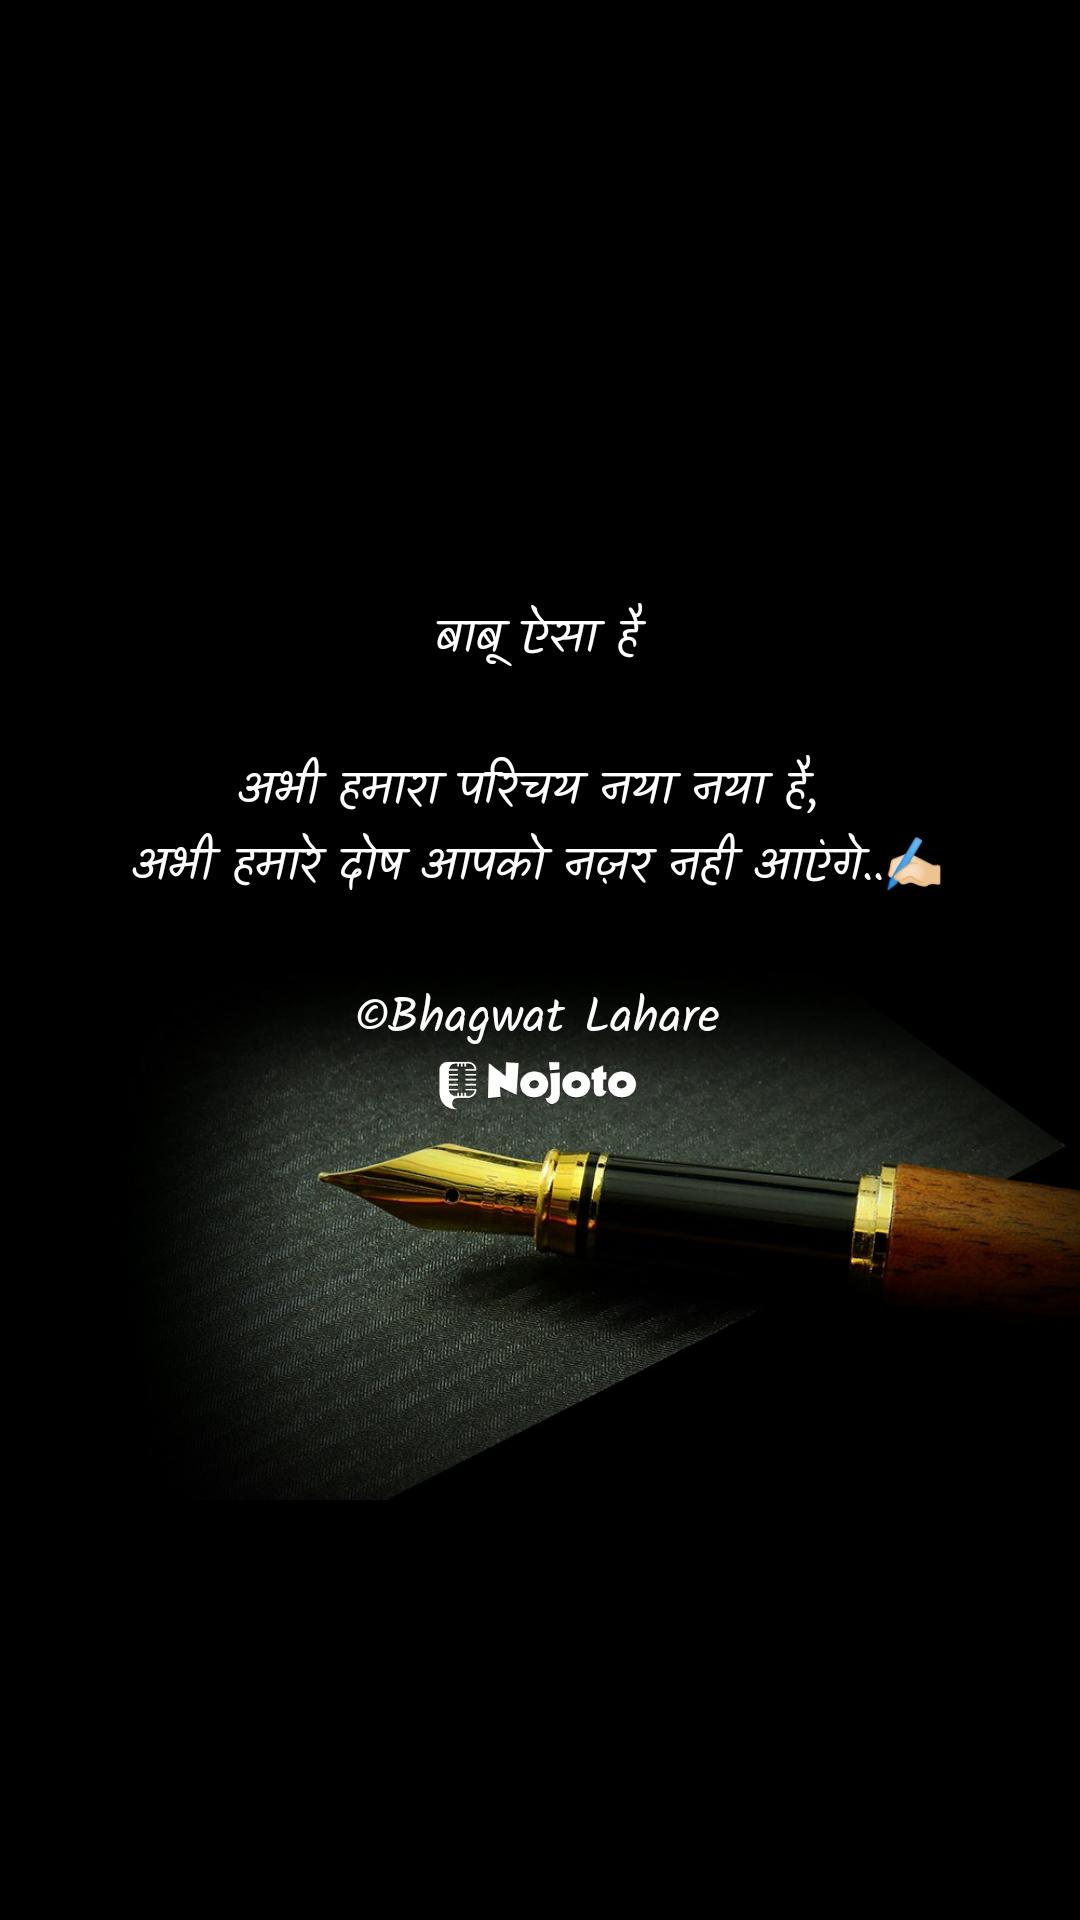 बाबू ऐसा है  अभी हमारा परिचय नया नया है,  अभी हमारे दोष आपको नज़र नही आएंगे..✍🏻  ©Bhagwat Lahare